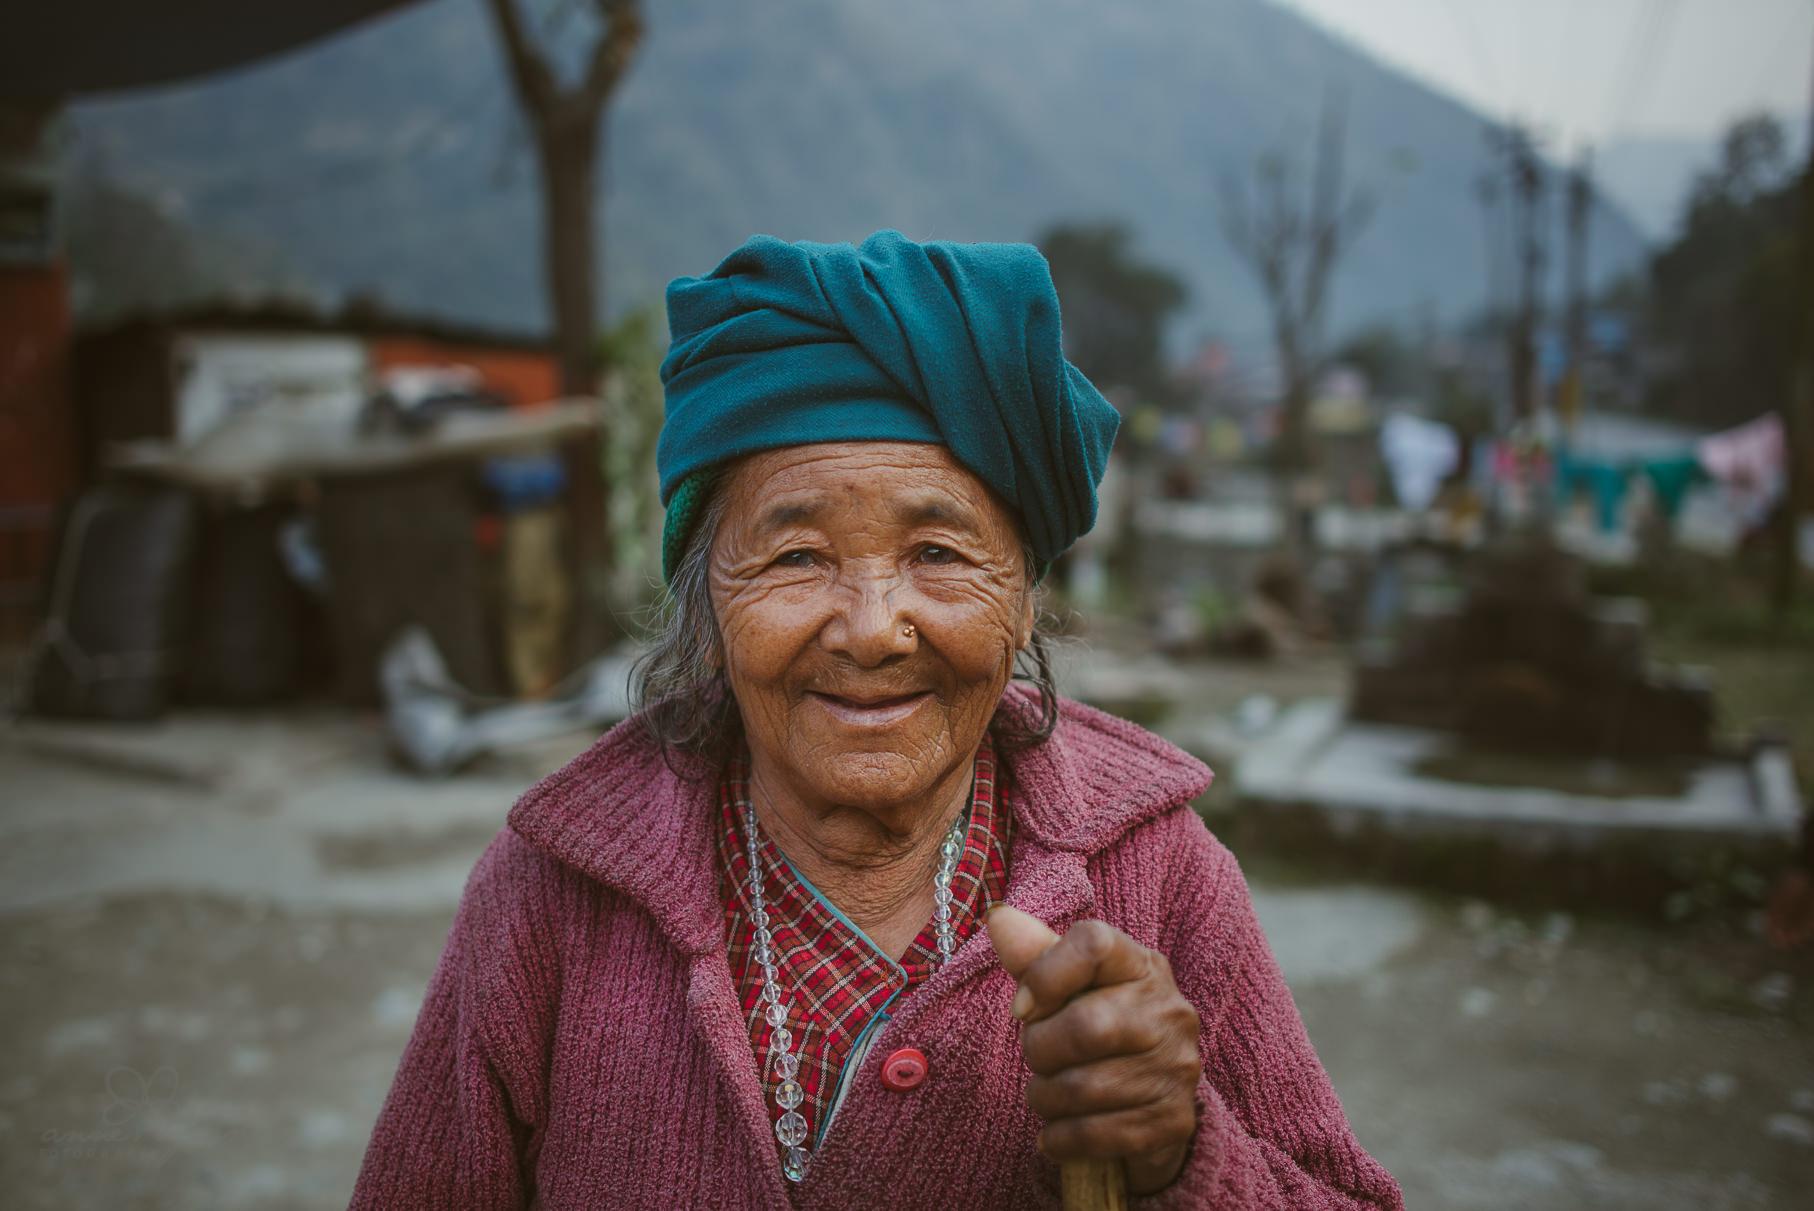 0008 anne und bjoern chitwan nationalpark nepal d75 4760 2 - Nepal Teil 3 - Roadtrip, Chitwan Nationalpark und eine spontane Hochzeit